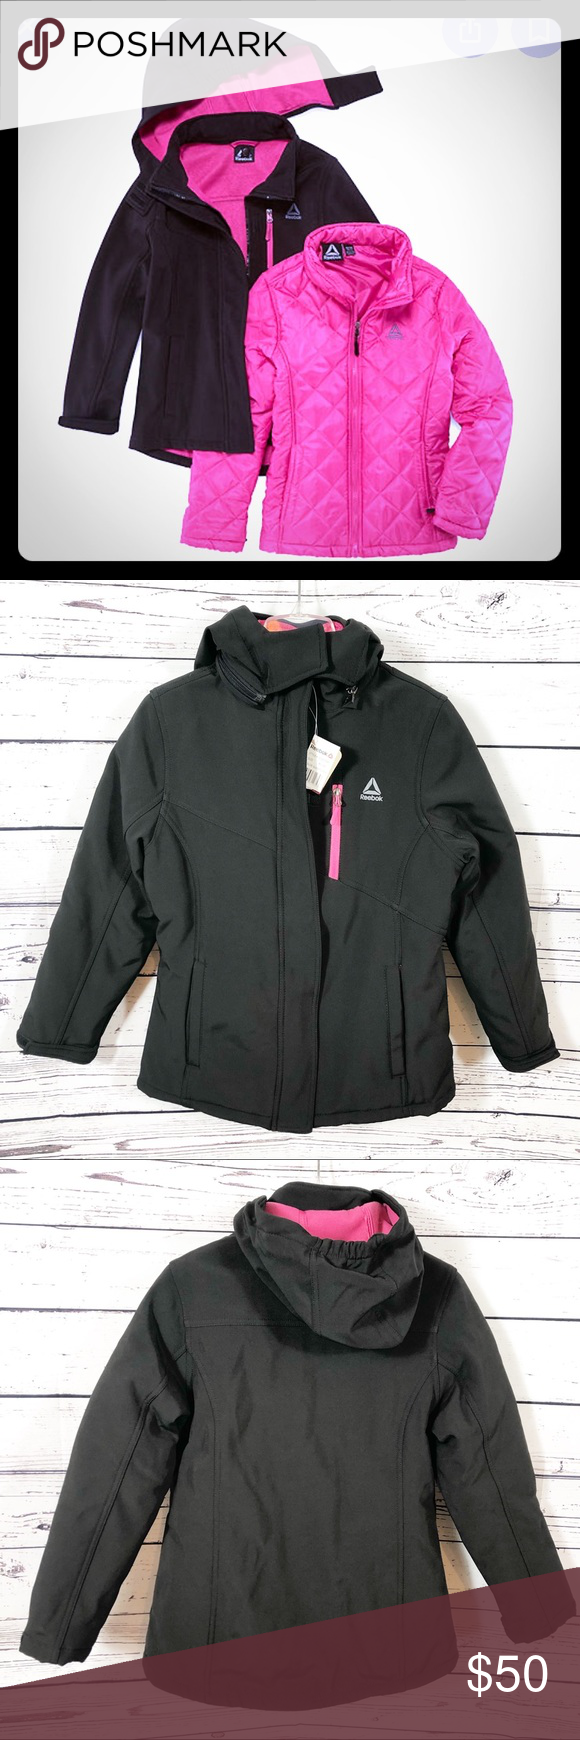 Reebok 3 In 1 Systems Winter Jacket Black Pink Winter Jackets Size Girls Jackets [ 1740 x 580 Pixel ]